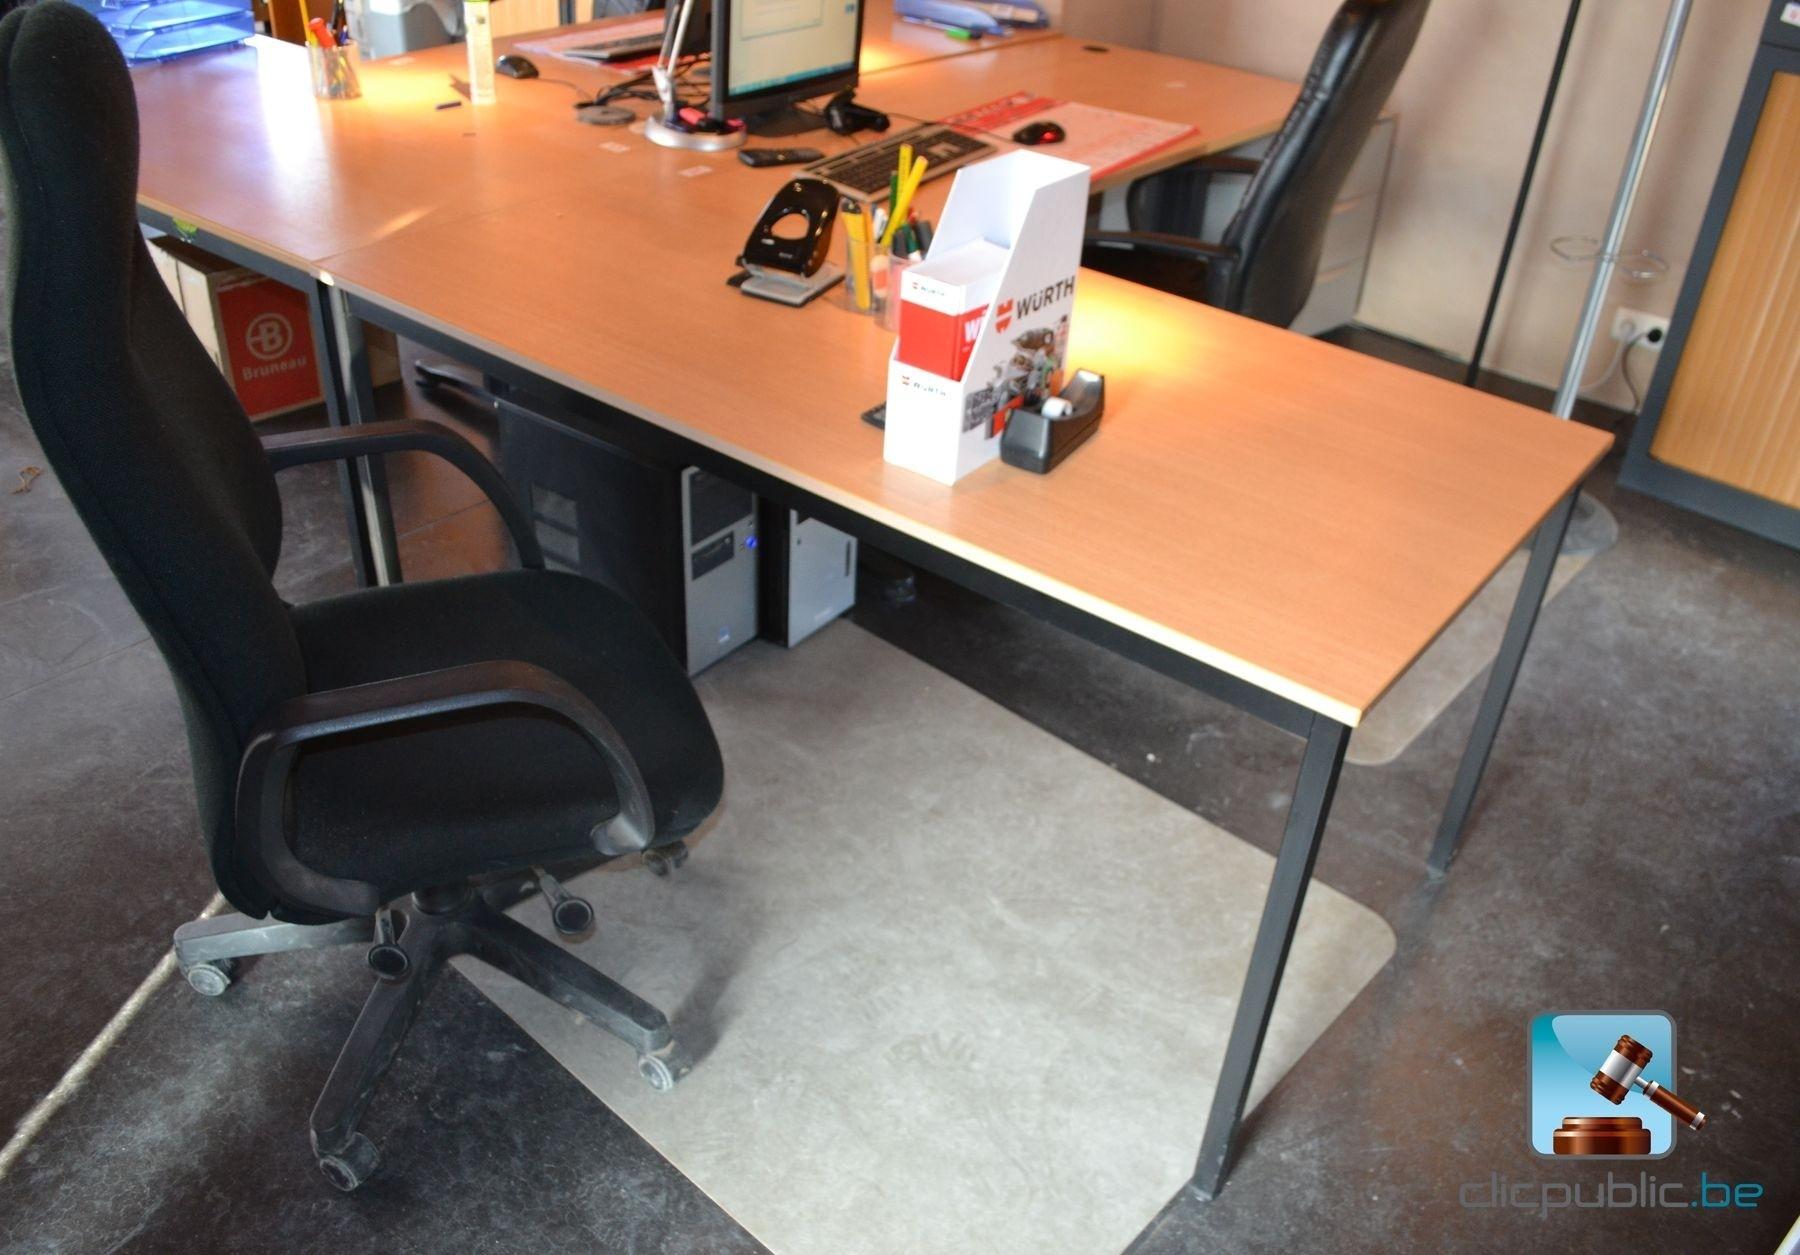 Mobilier de bureau ordinateur lot 1 vendre sur - Mobilier de bureau a vendre ...